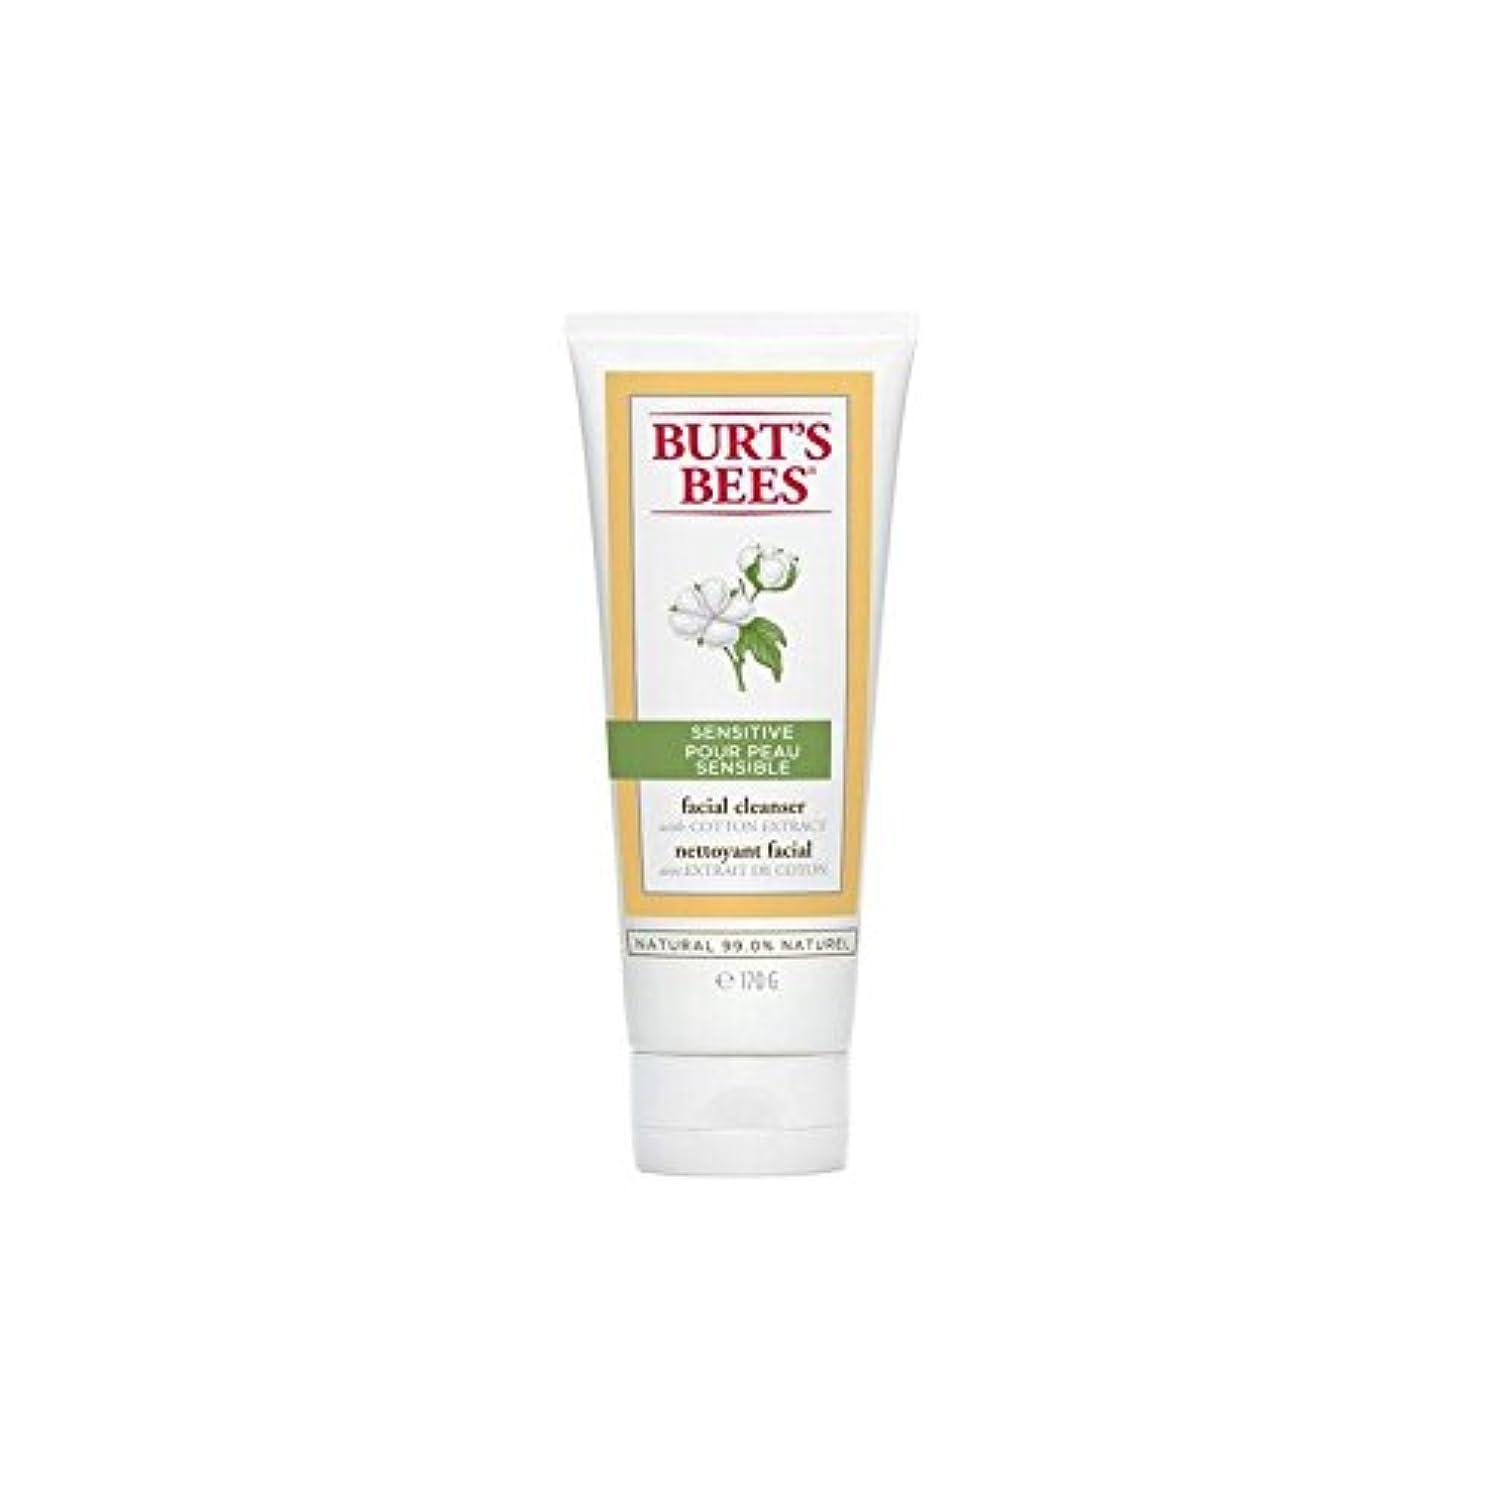 スノーケル症候群グリーンバックバーツビー敏感な洗顔料の170グラム x4 - Burt's Bees Sensitive Facial Cleanser 170G (Pack of 4) [並行輸入品]